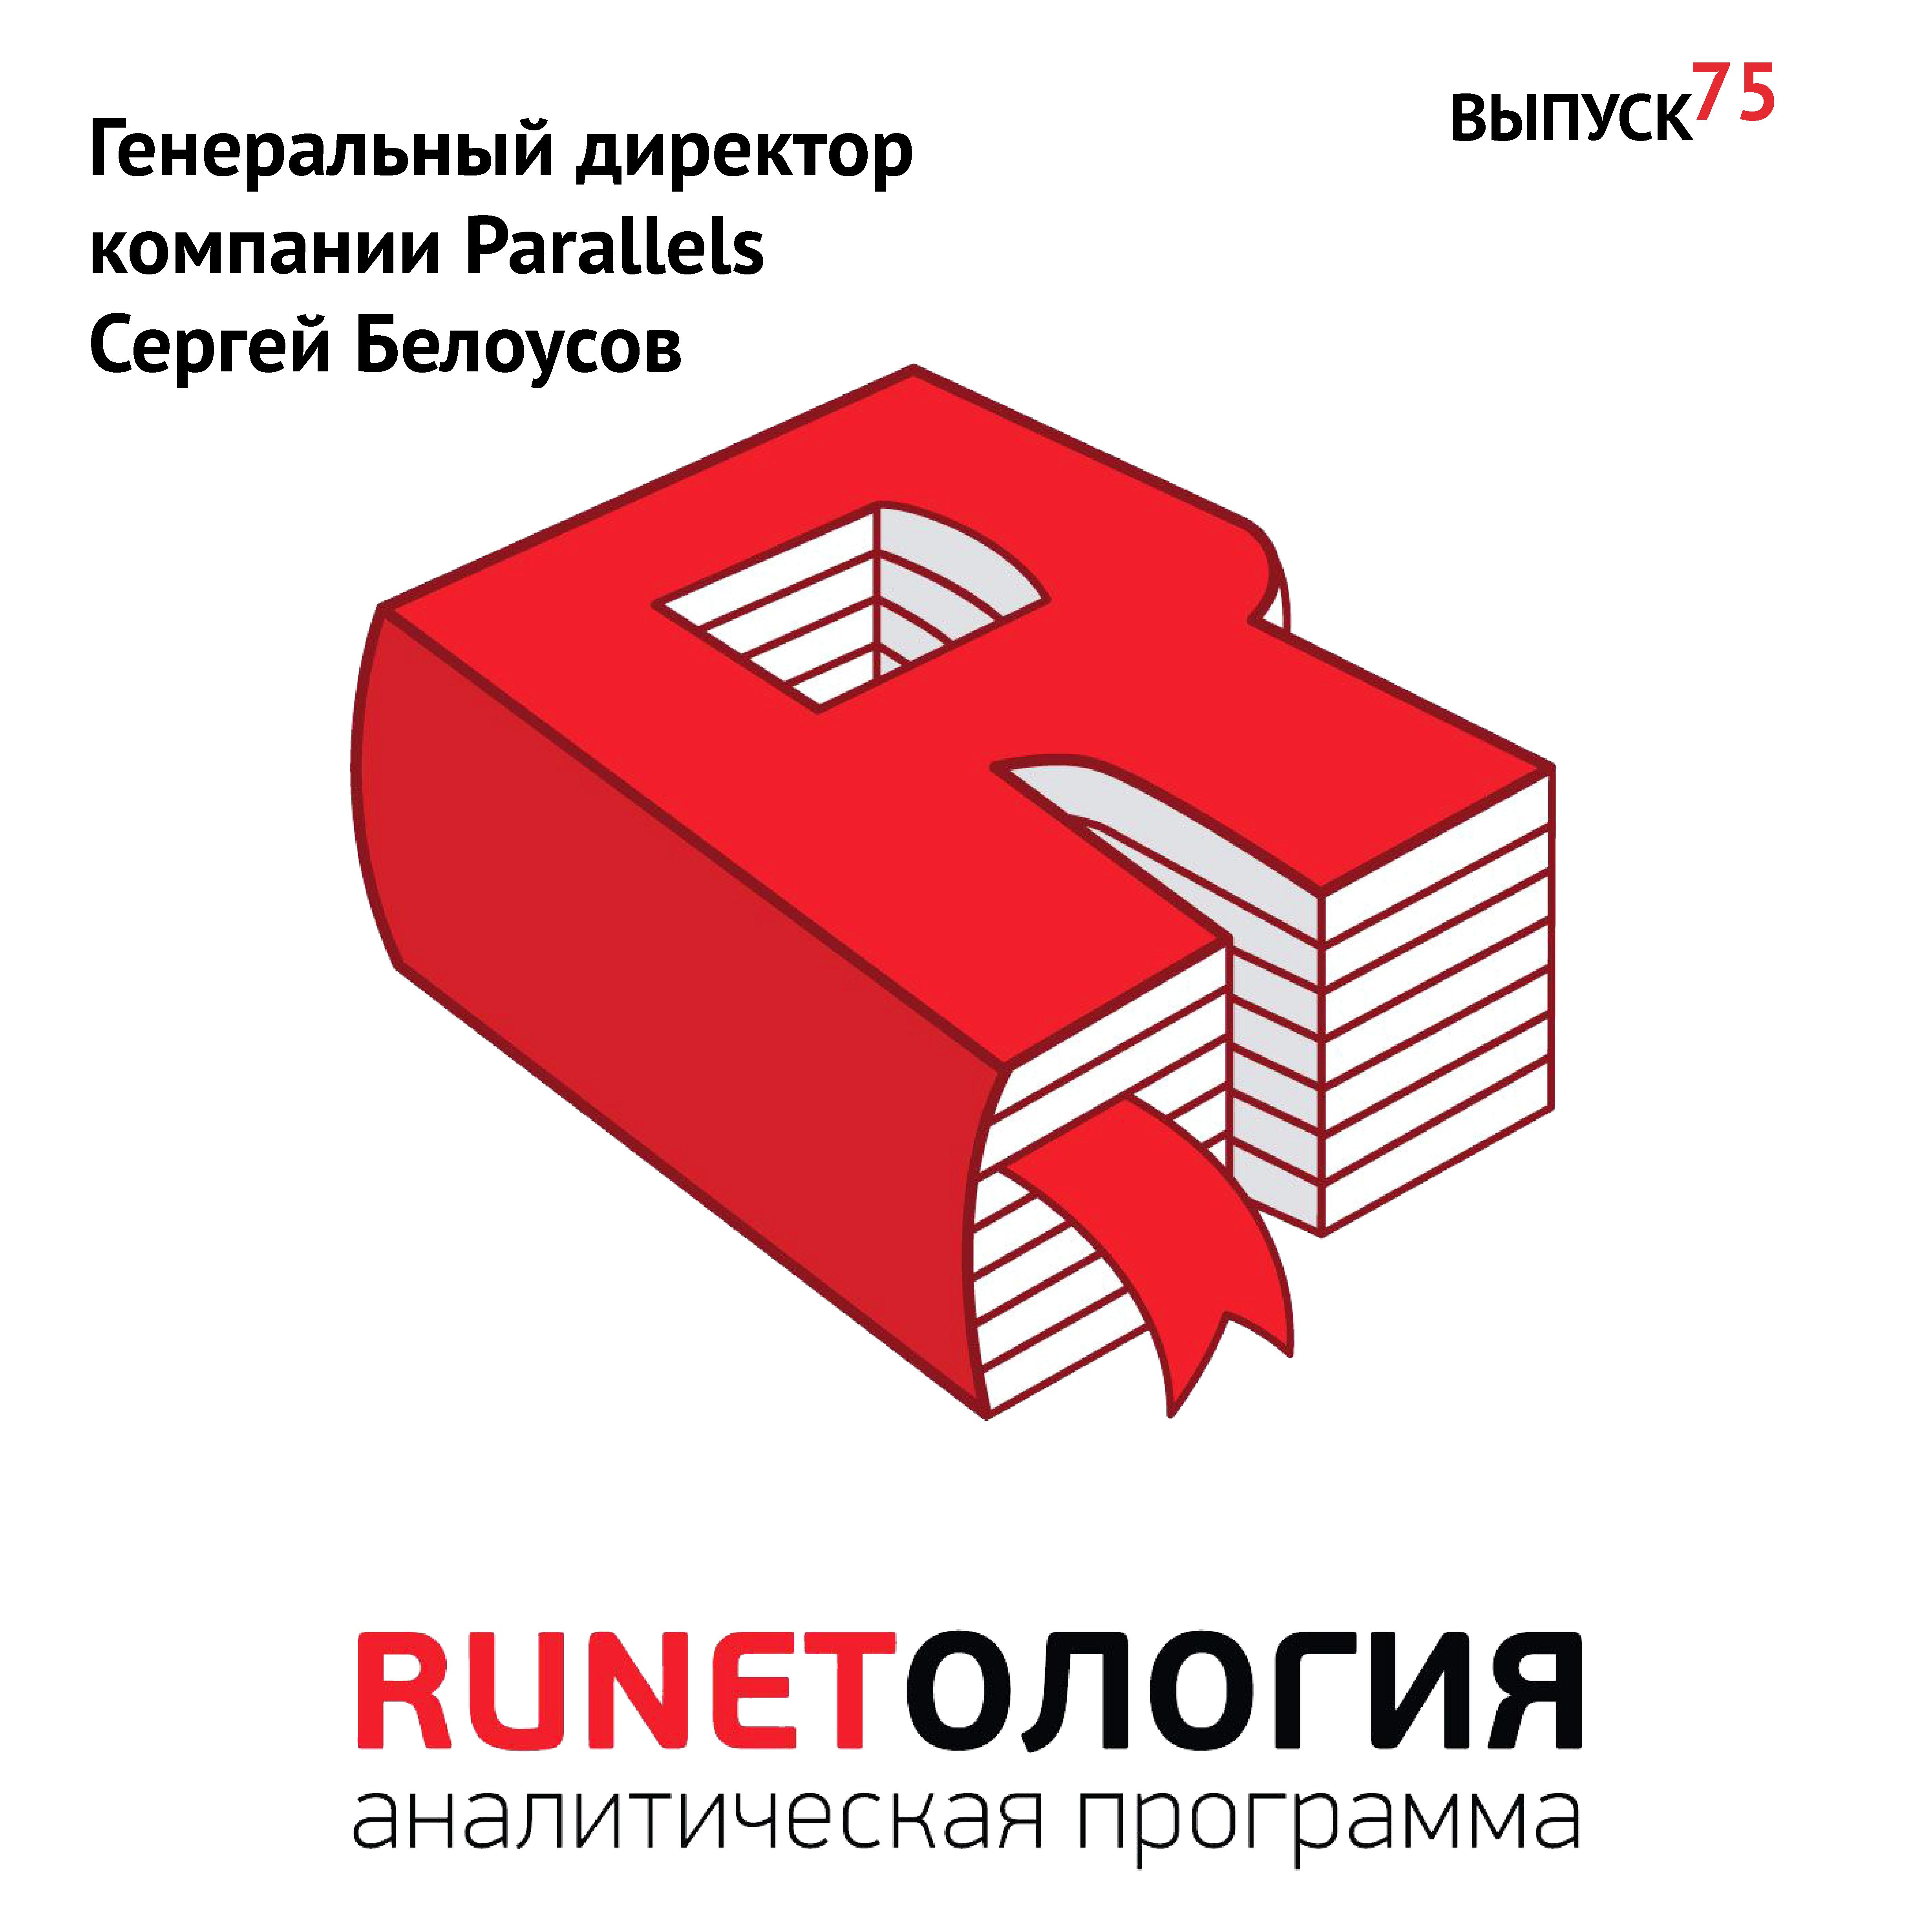 Максим Спиридонов Генеральный директор компании Parallels Сергей Белоусов